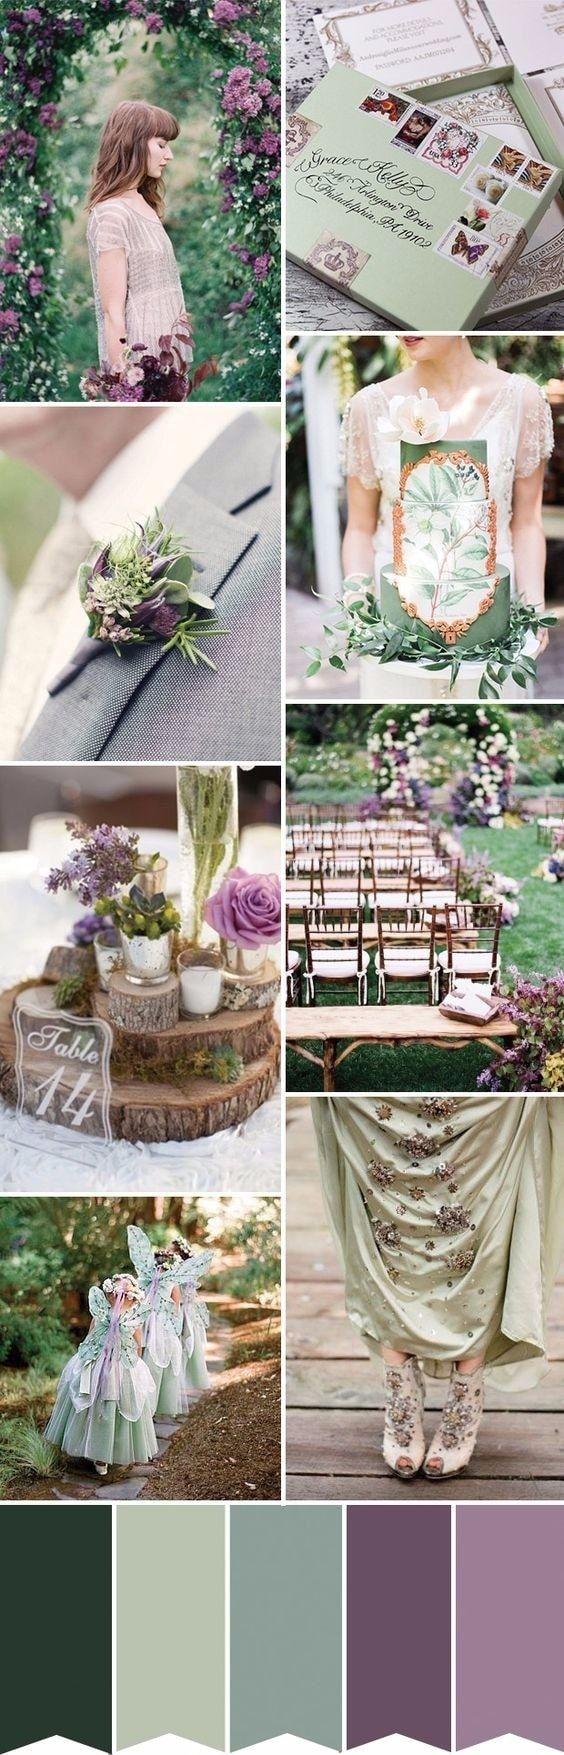 Olá bonitas! Alguém está pensando em usar a cor verde no casamento? Eu estou começando a me apaixonar por paletas com esta cor, porque combina super com ambientes abertos e natureza! O que acham destas combinações? Verde + cinza + lilás Menta +